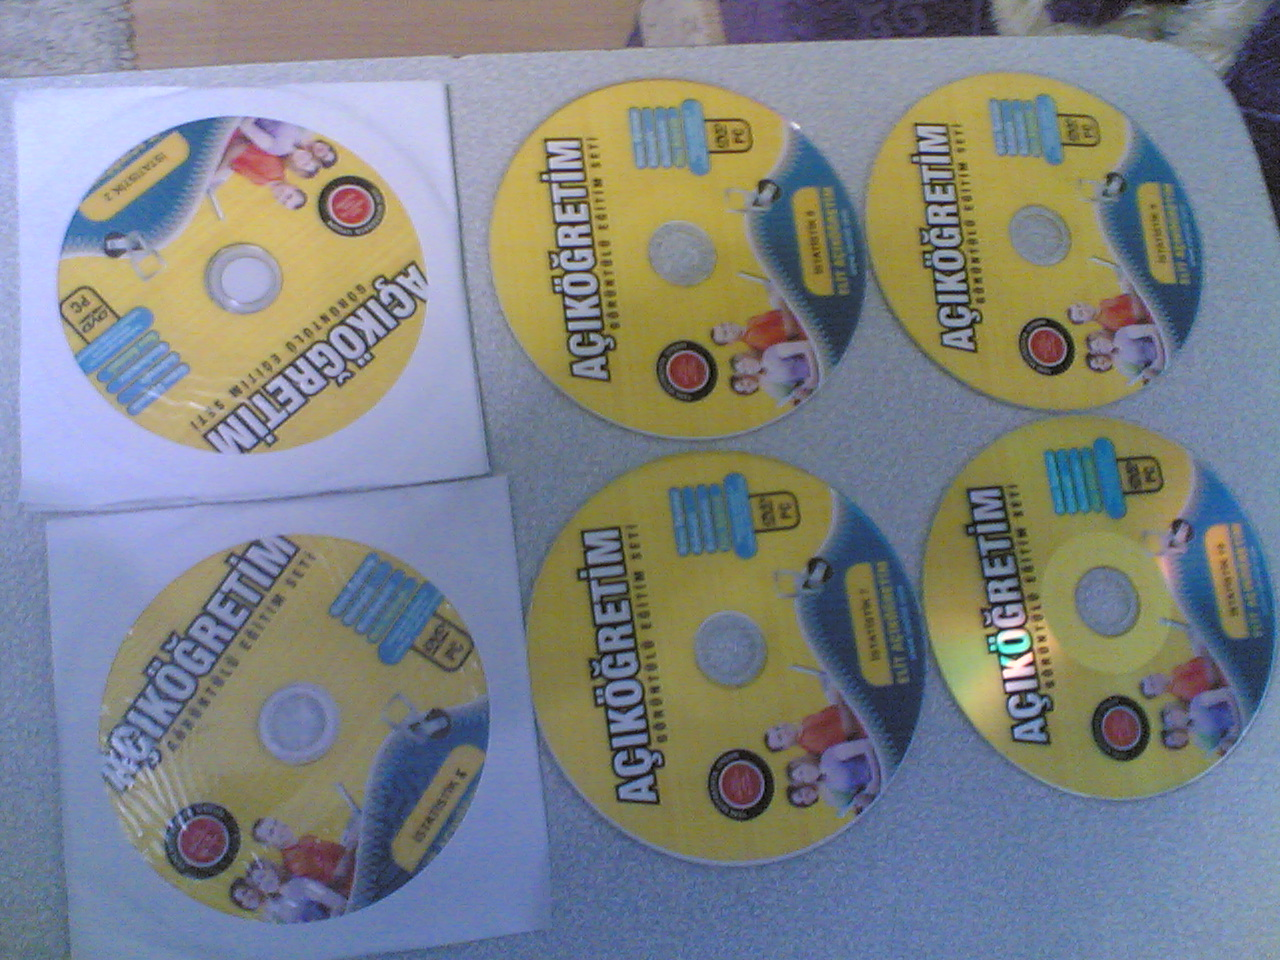 07102012003 - AÖF İstatistik dersi videolu anlatım CD'lerimi satıyorum...